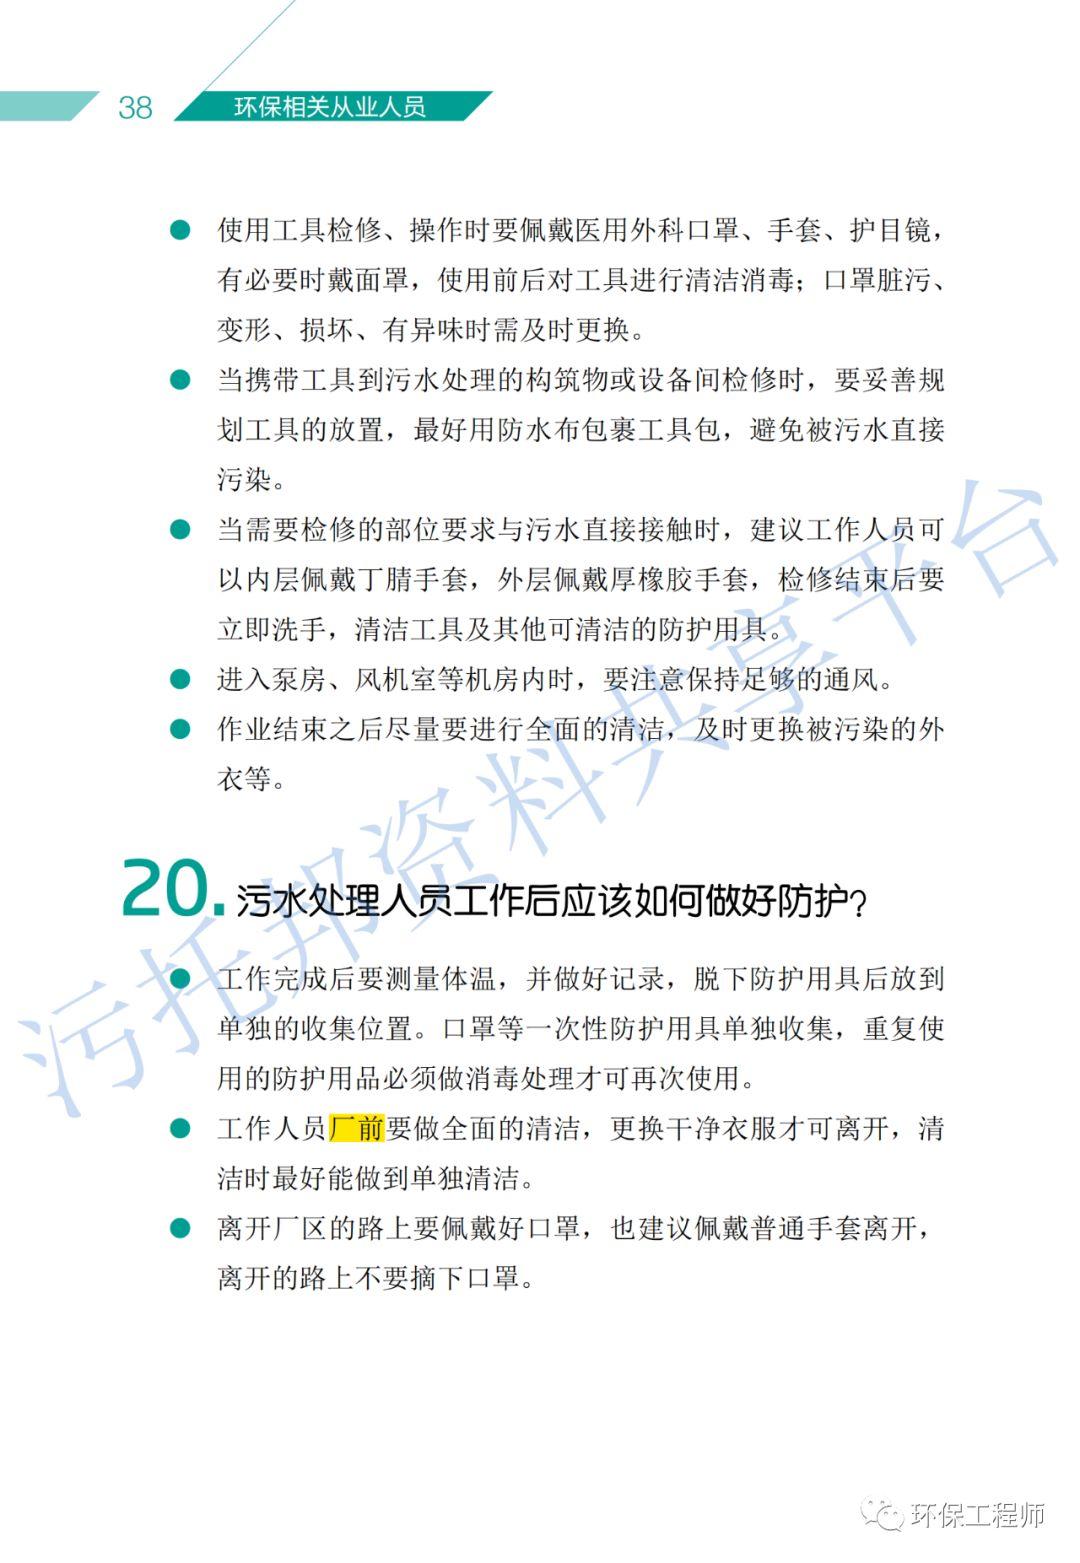 《环保从业人员新型冠状病毒疫情防护手册》_23